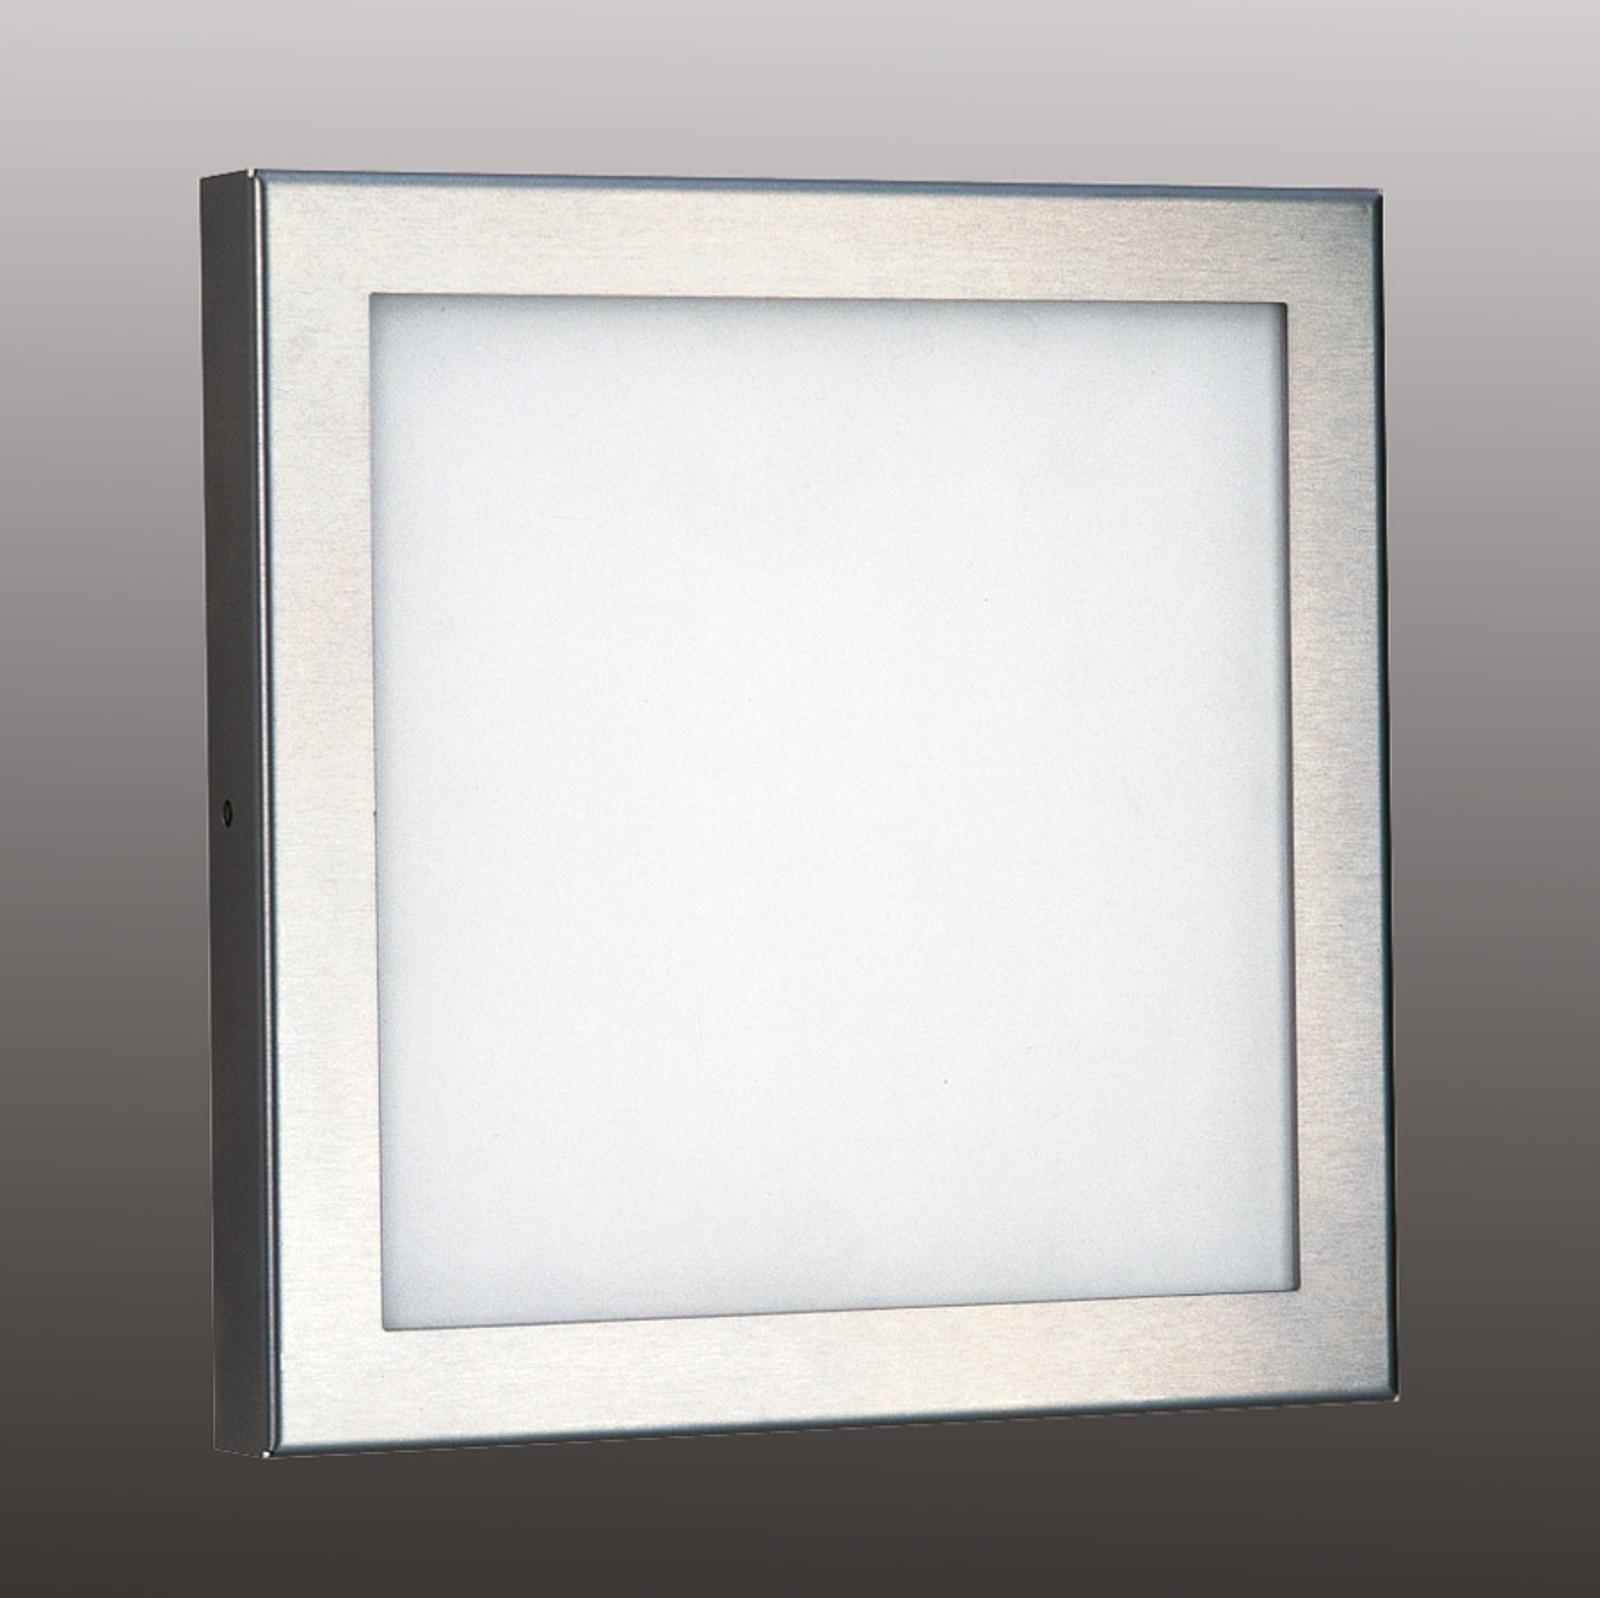 Hoogw. roestvrijstalen buitenwandlamp Mette LED